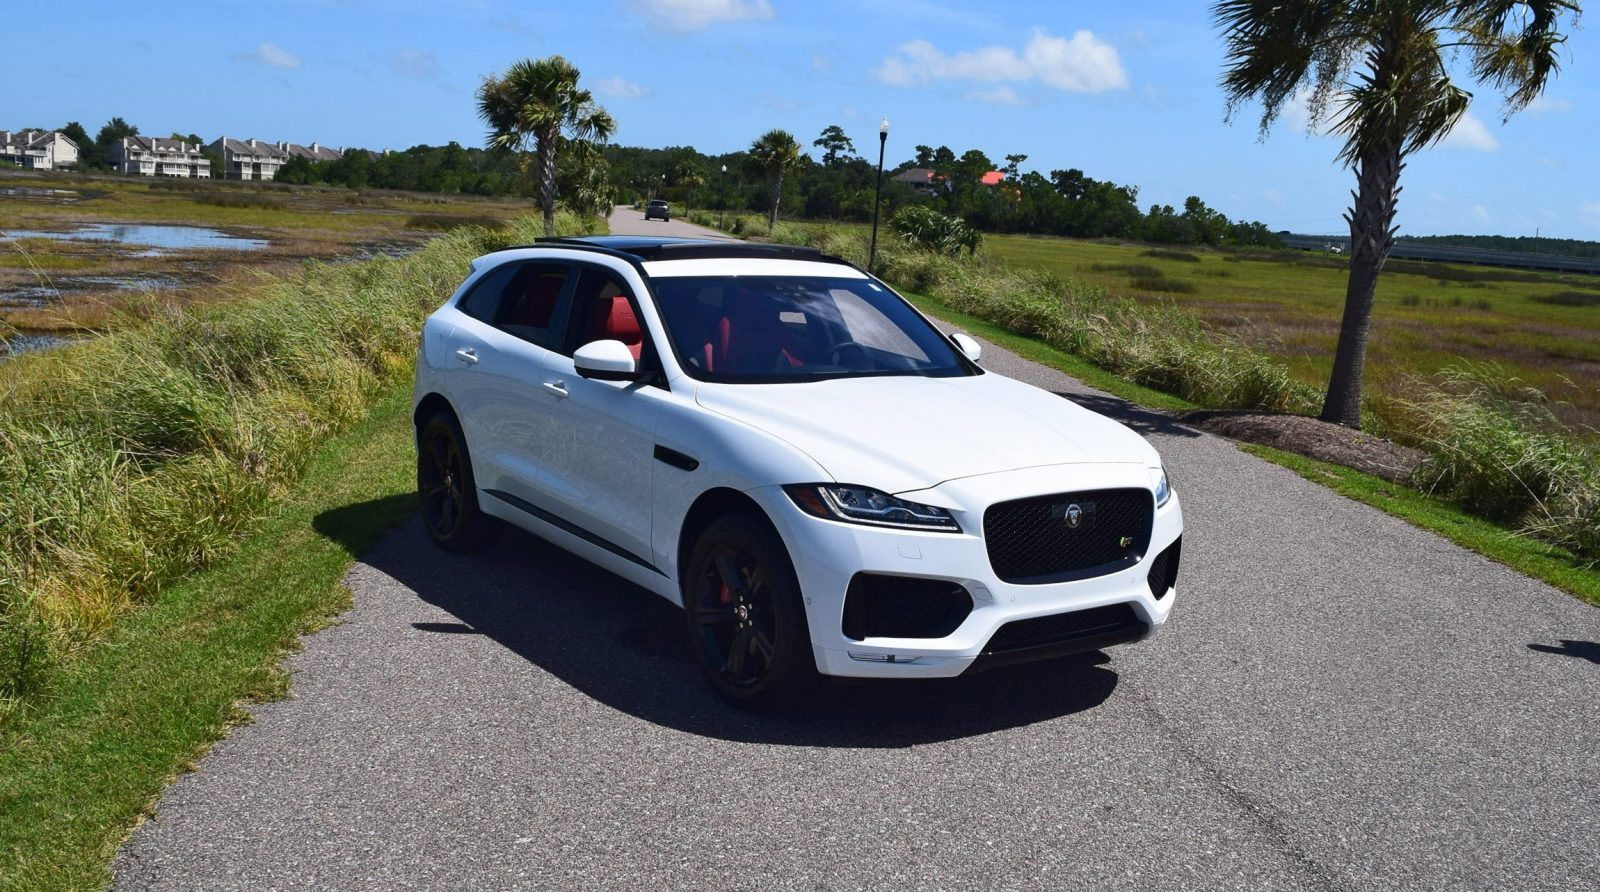 2017 Jaguar F Pace Accessories >> 2017 Jaguar F-Pace S - White Exterior 13